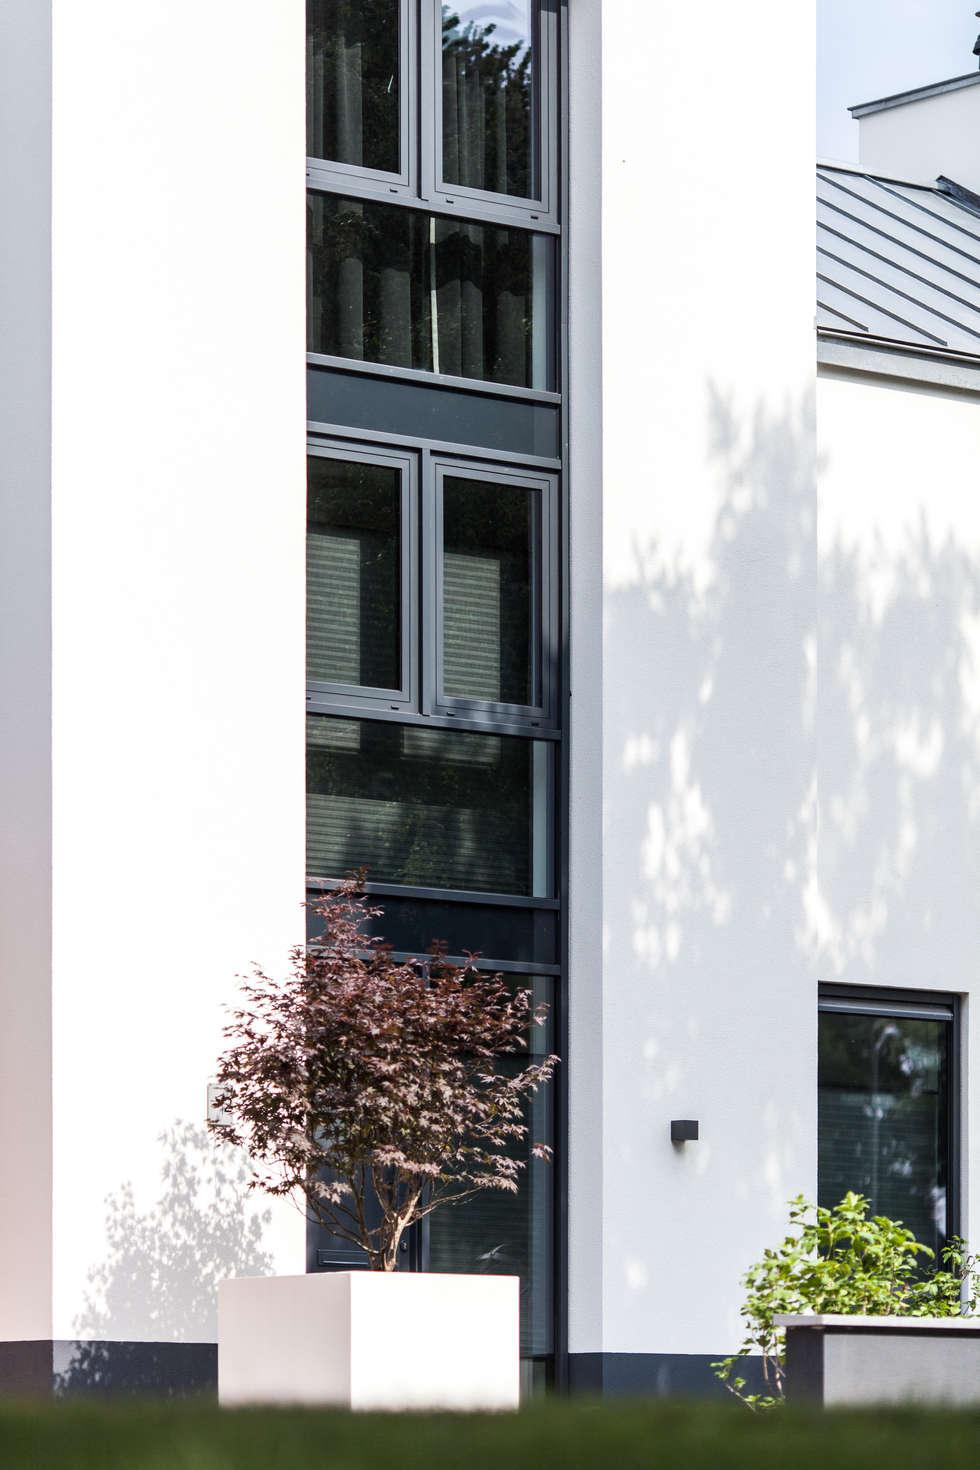 Voorgevel - glas:  Villa door Bob Romijnders Architectuur & Interieur